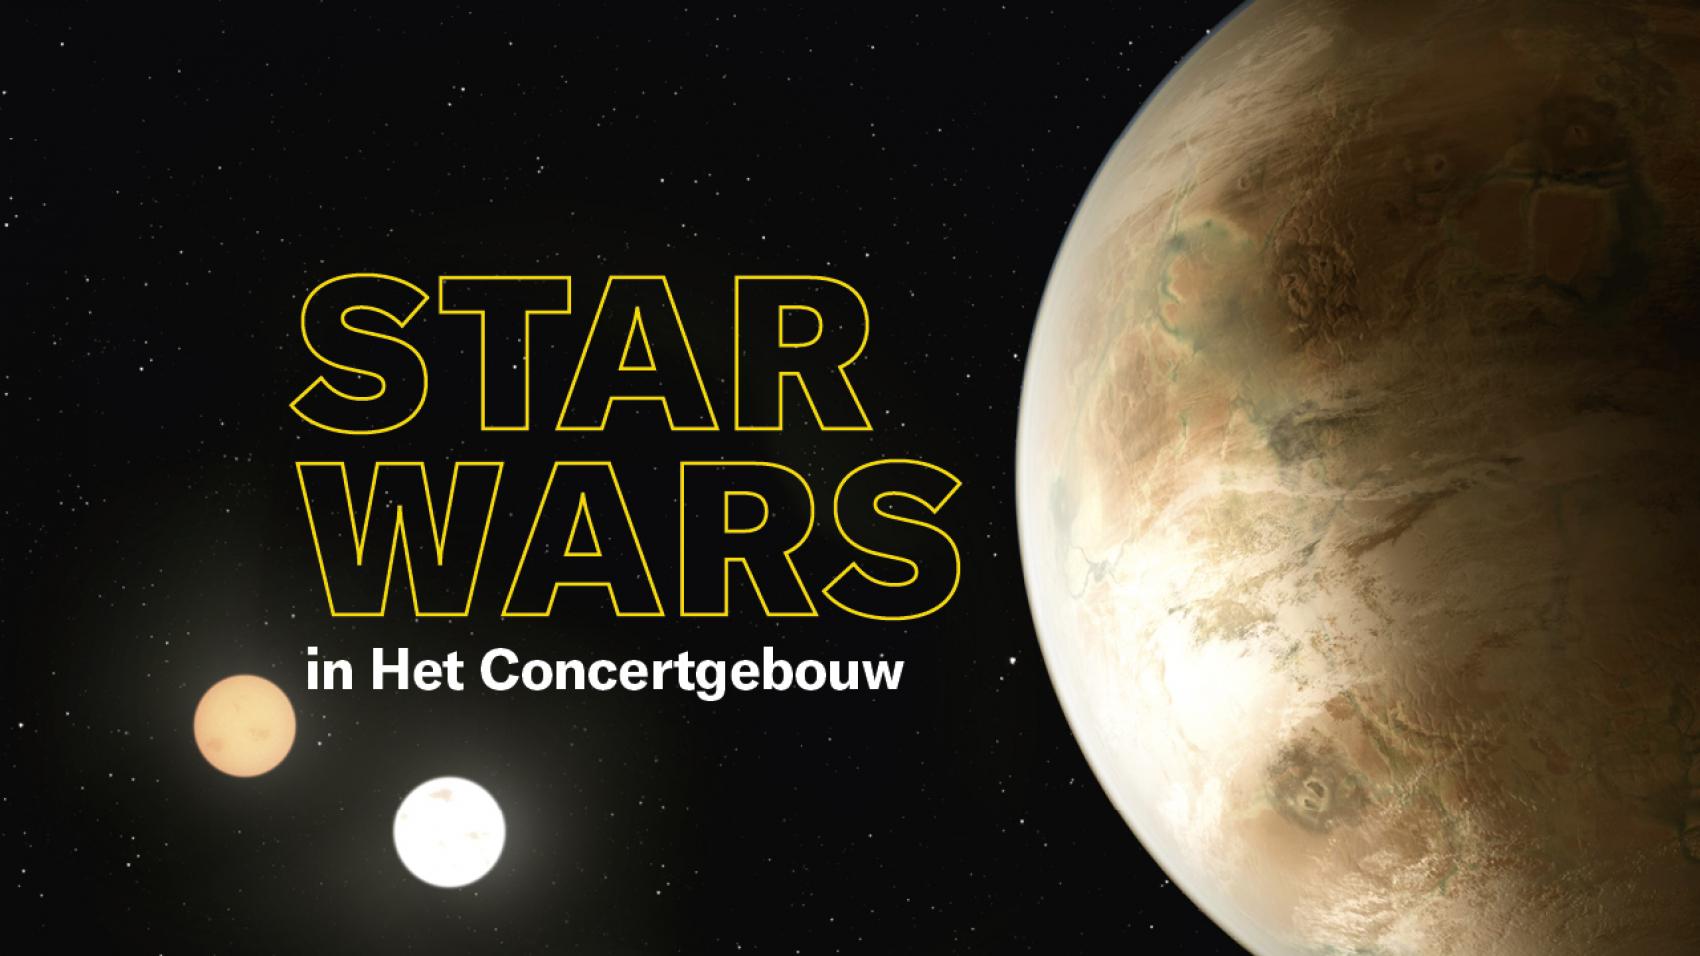 Star Wars in Het Concertgebouw